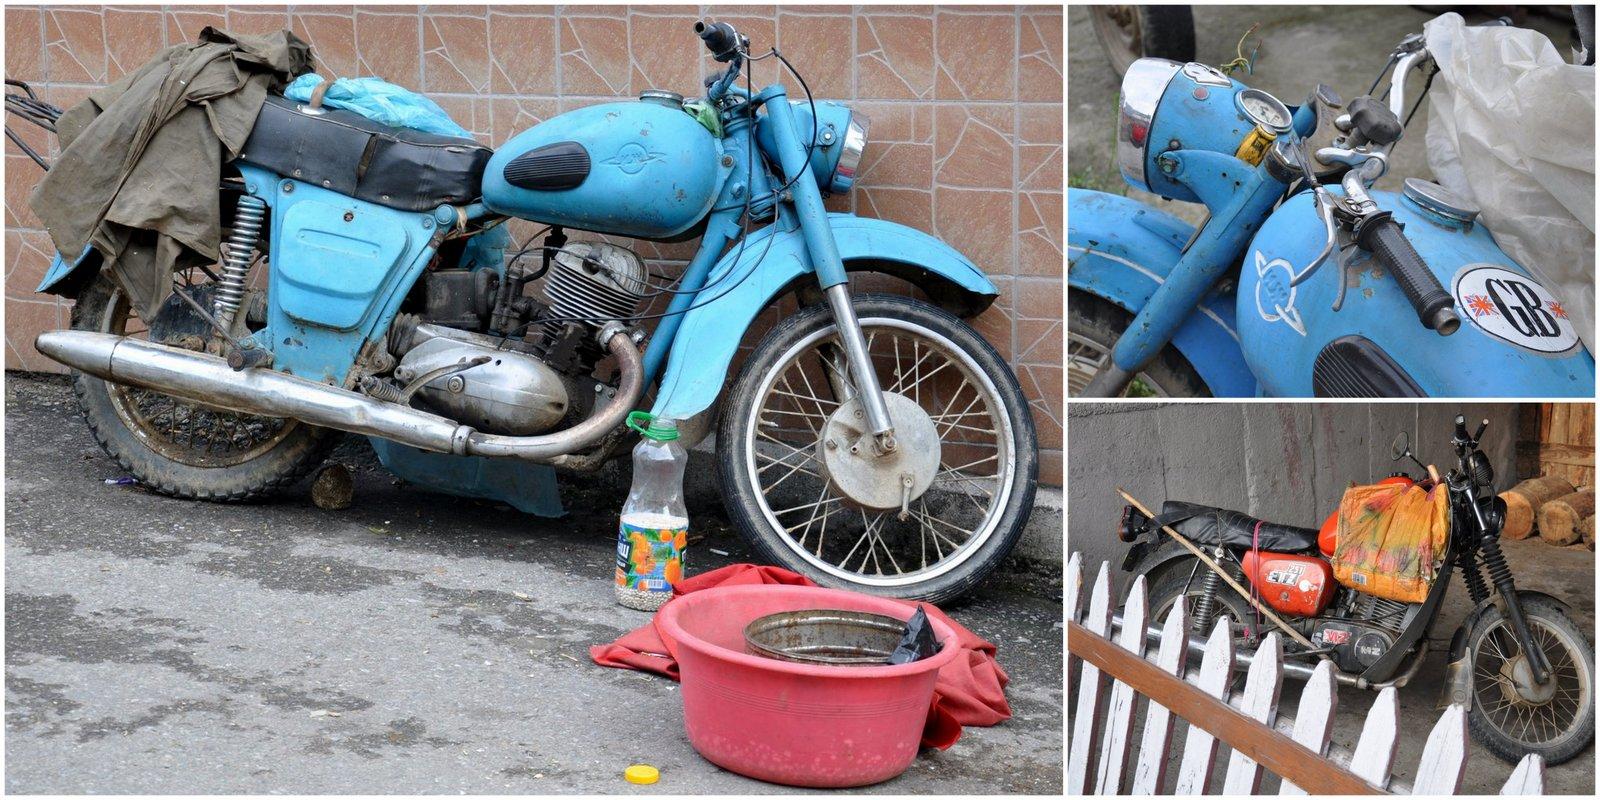 bulgarie-vieilles-motos